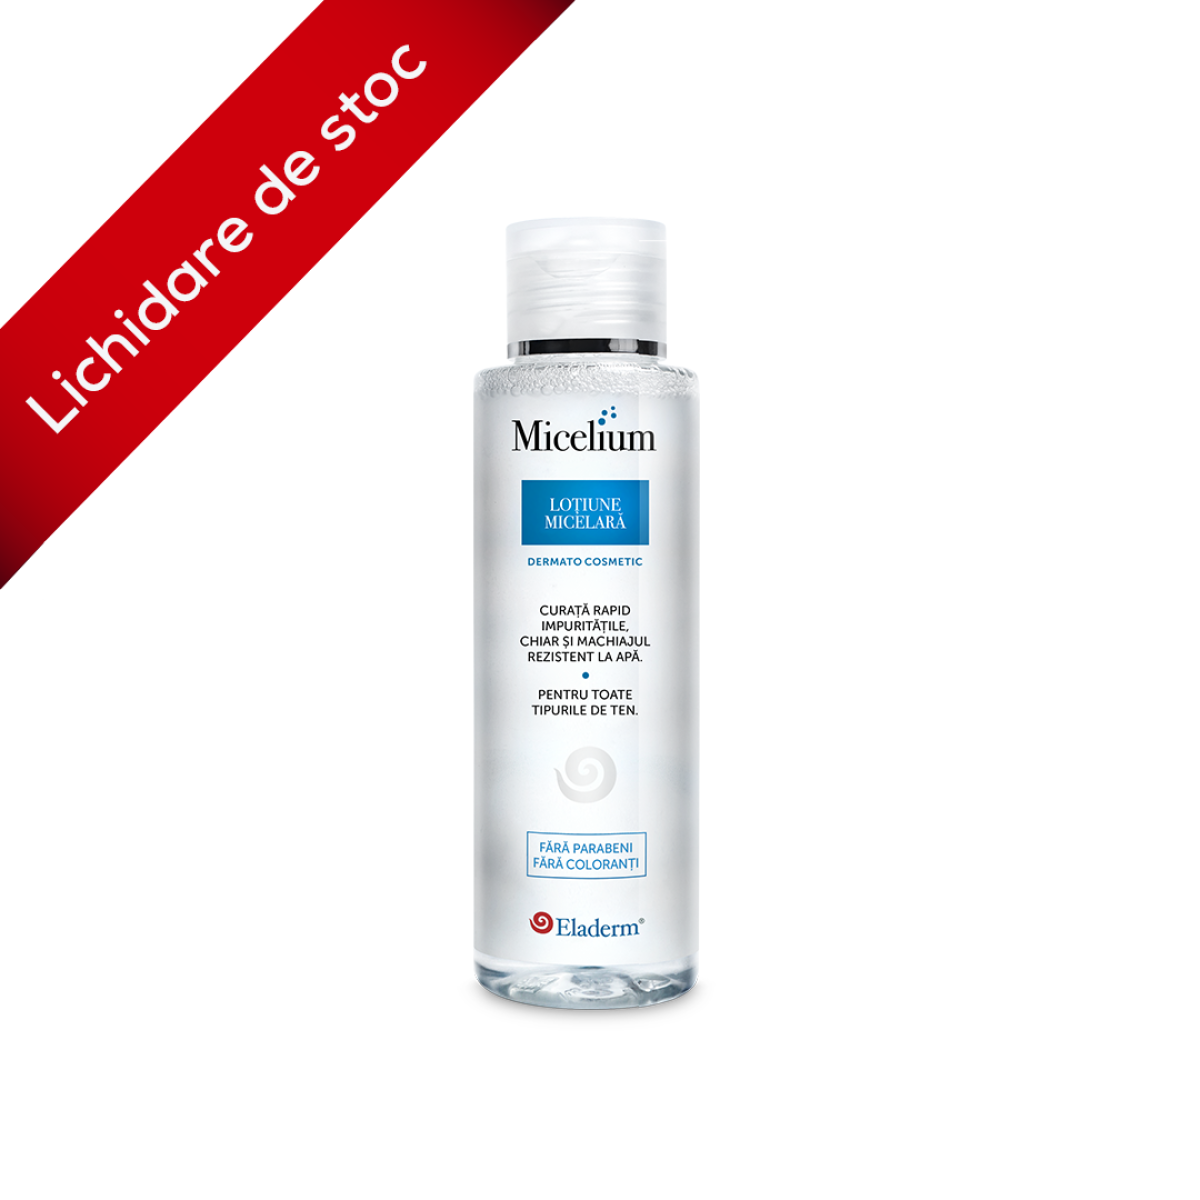 Loțiune Micelară Micelium - 100 ml